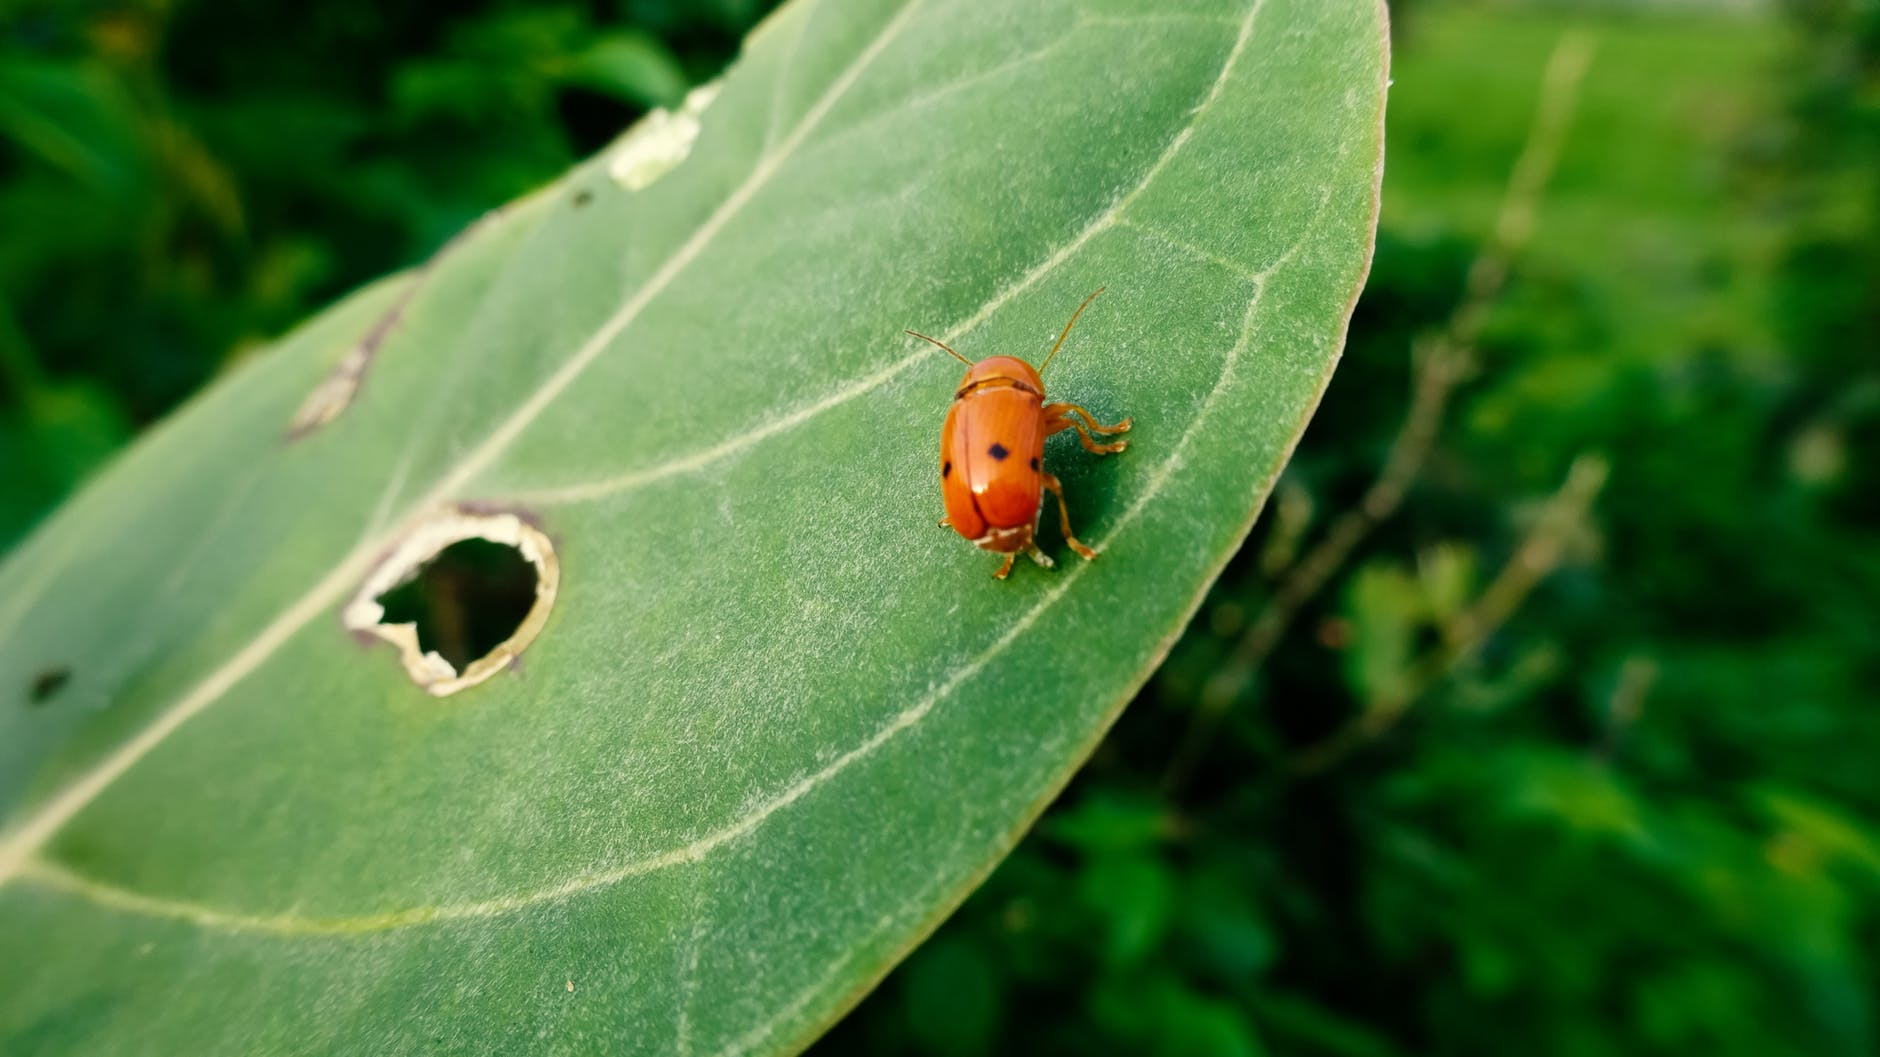 böceklerde mikroplastik